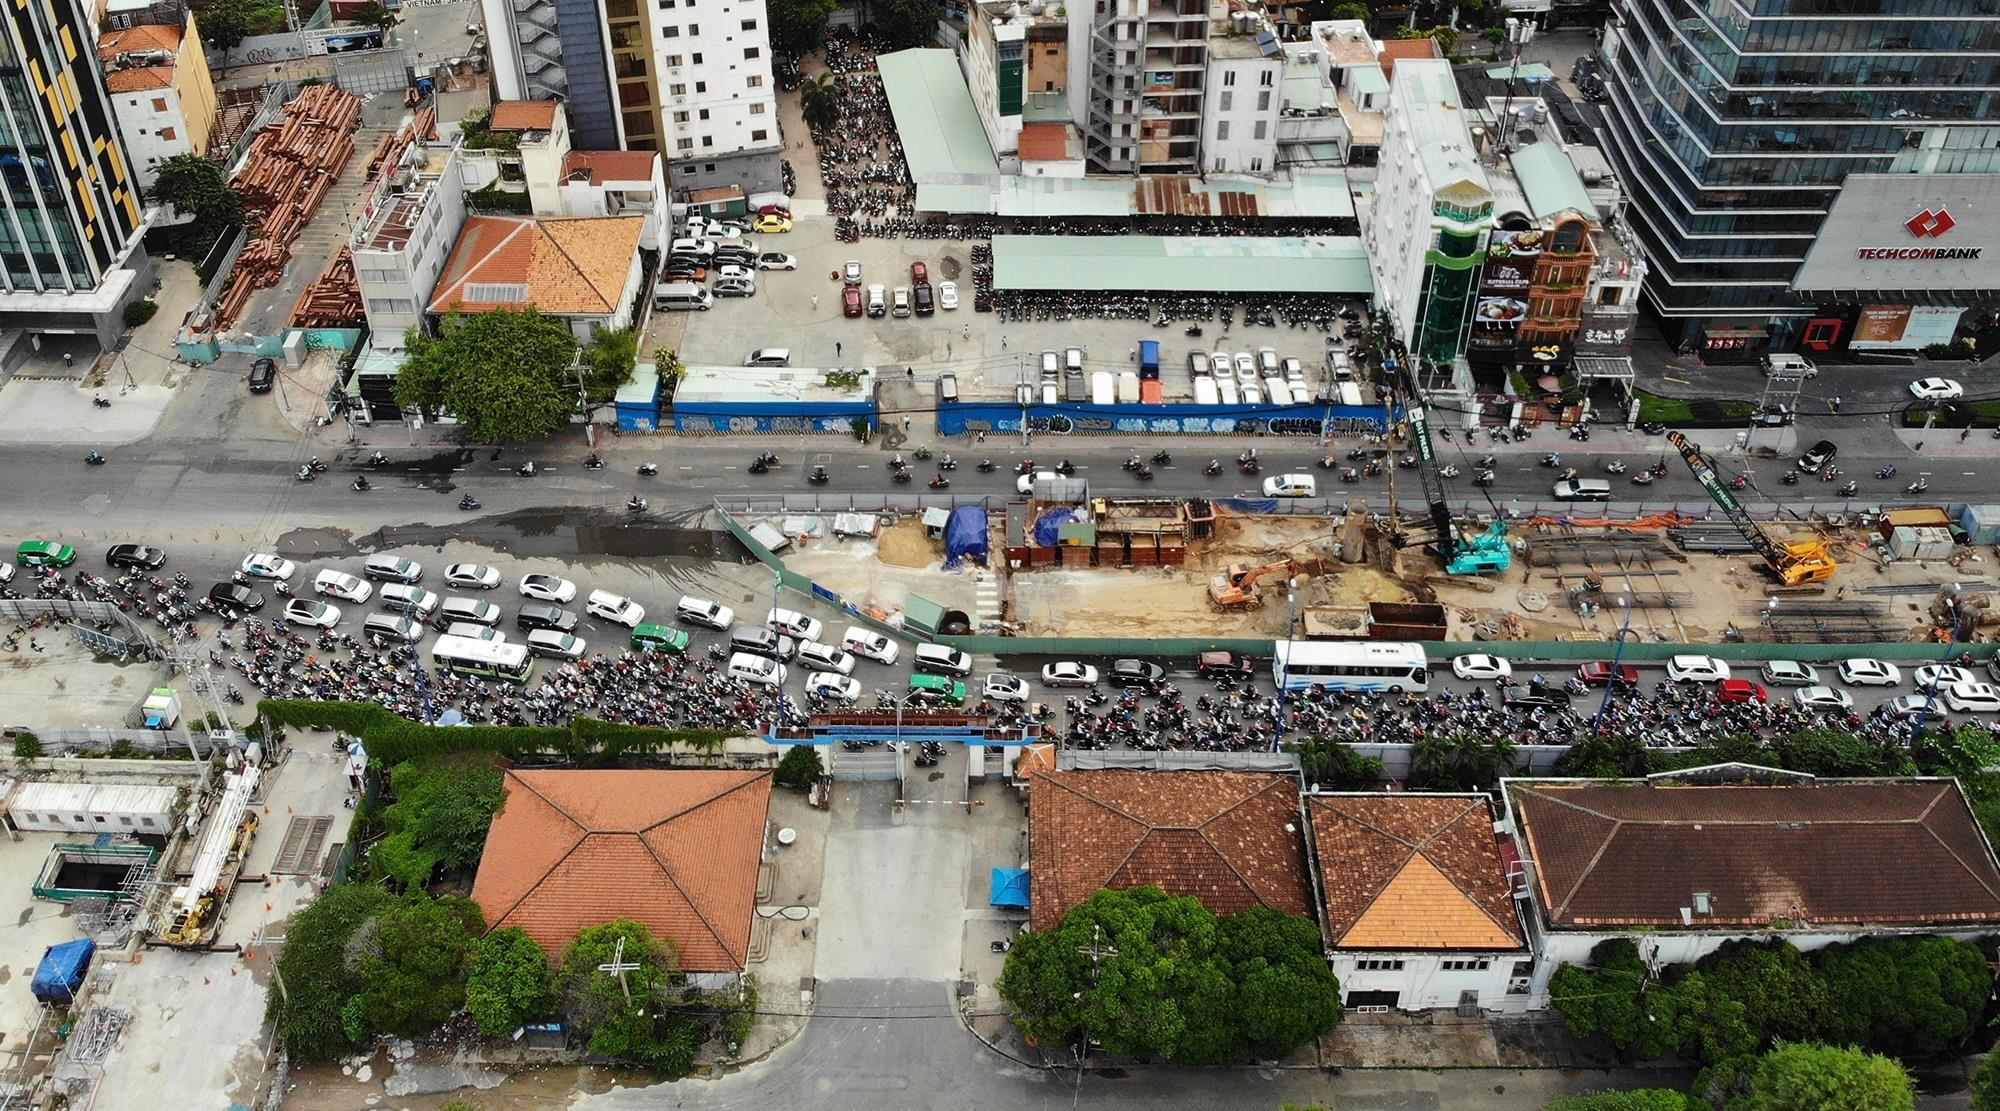 Công trường cầu Thủ Thiêm 2 chiếm phần lớn lòng đường, cản trở giao thông.